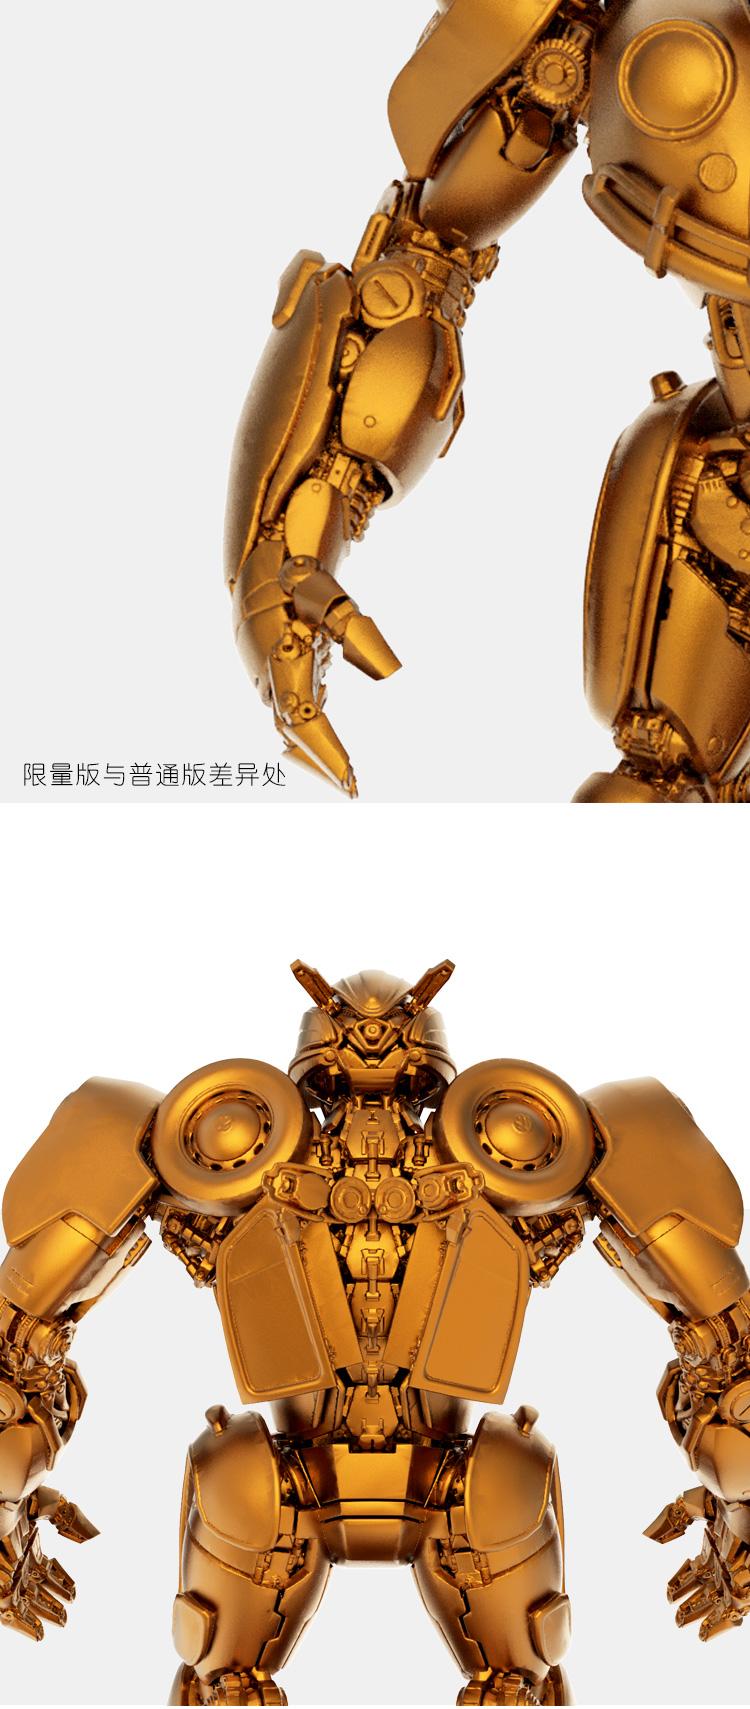 大黄蜂-铜质印章-4_11.jpg